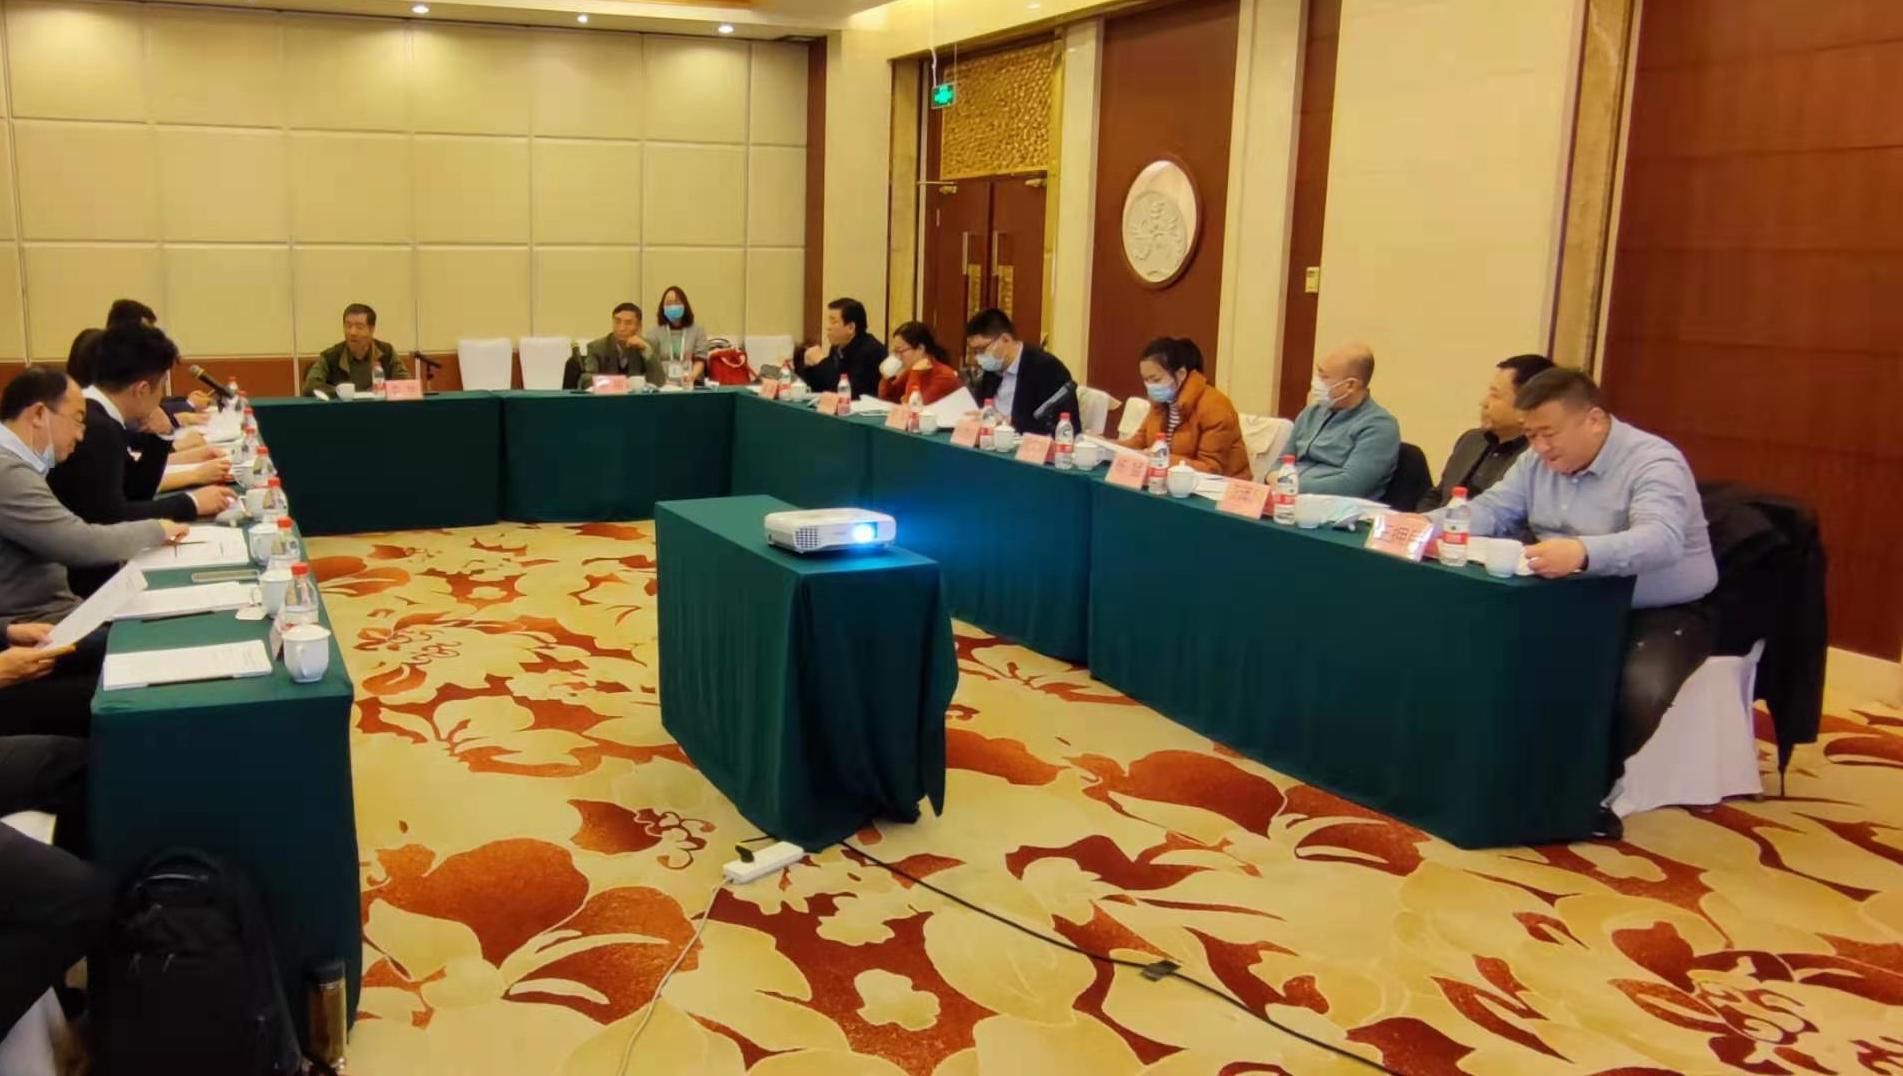 中国交通运输协会共享出行分会召开2021年度会长联席会议